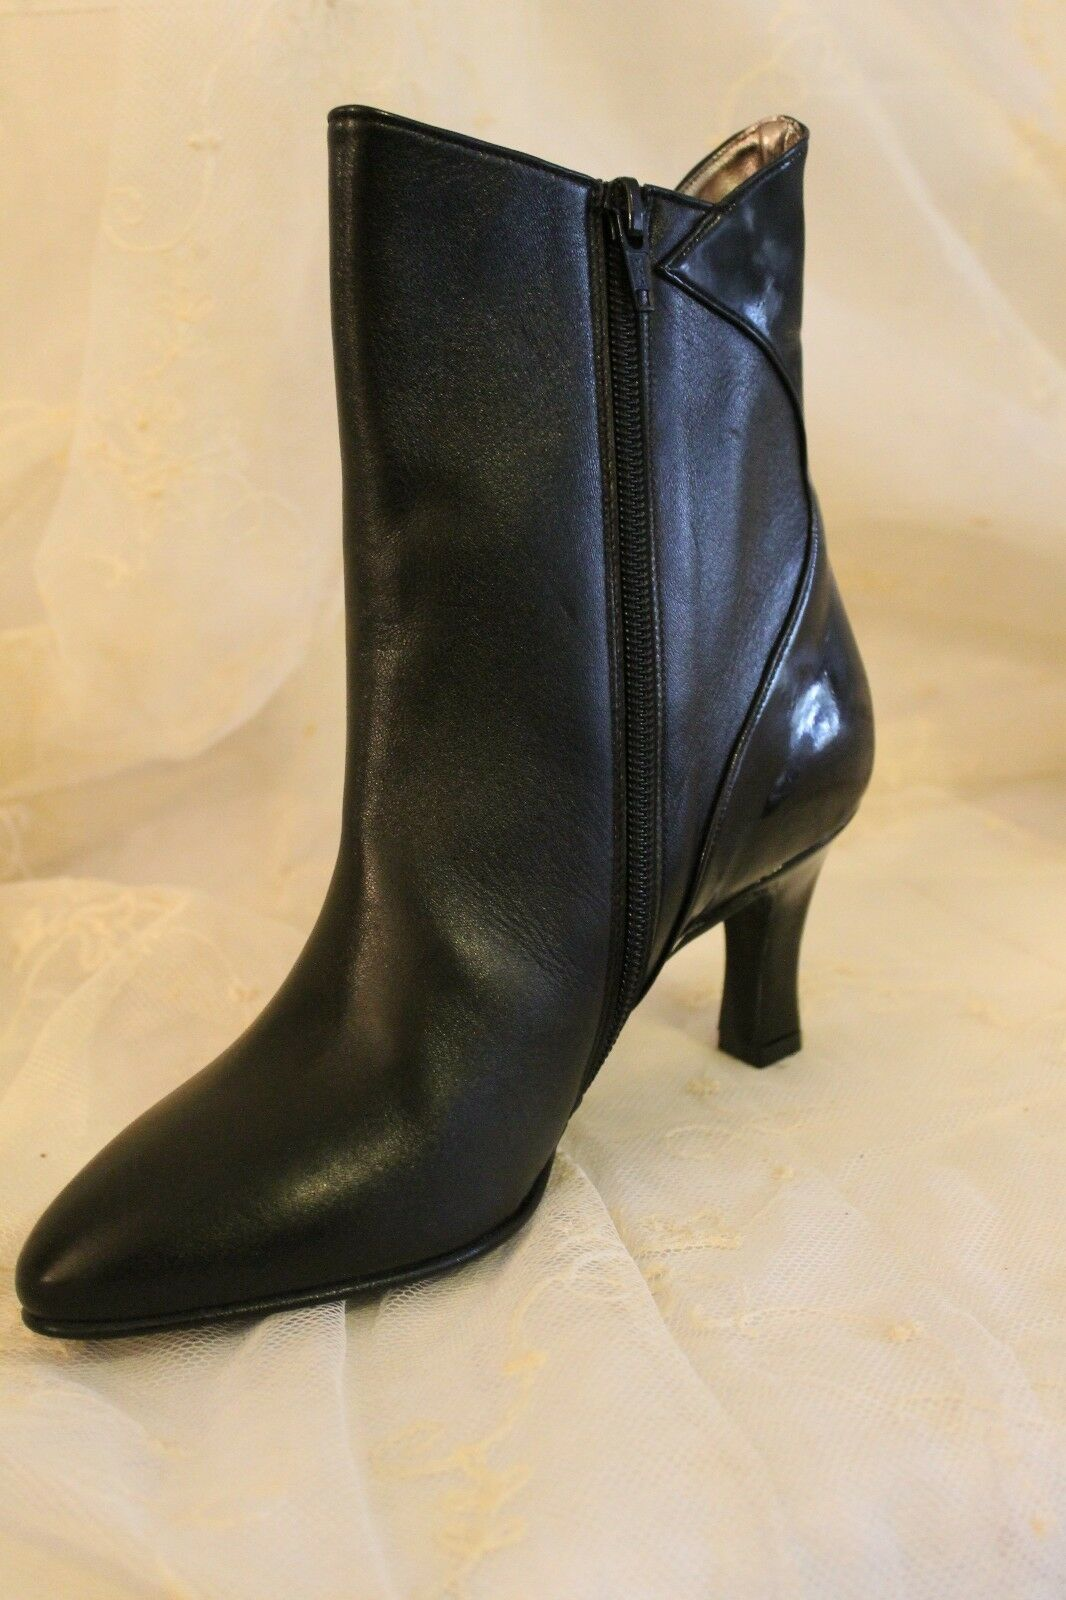 Élégant Femmes Bottines en cuir véritable noir taille 37 vernis nouveau neuf dans sa boîte